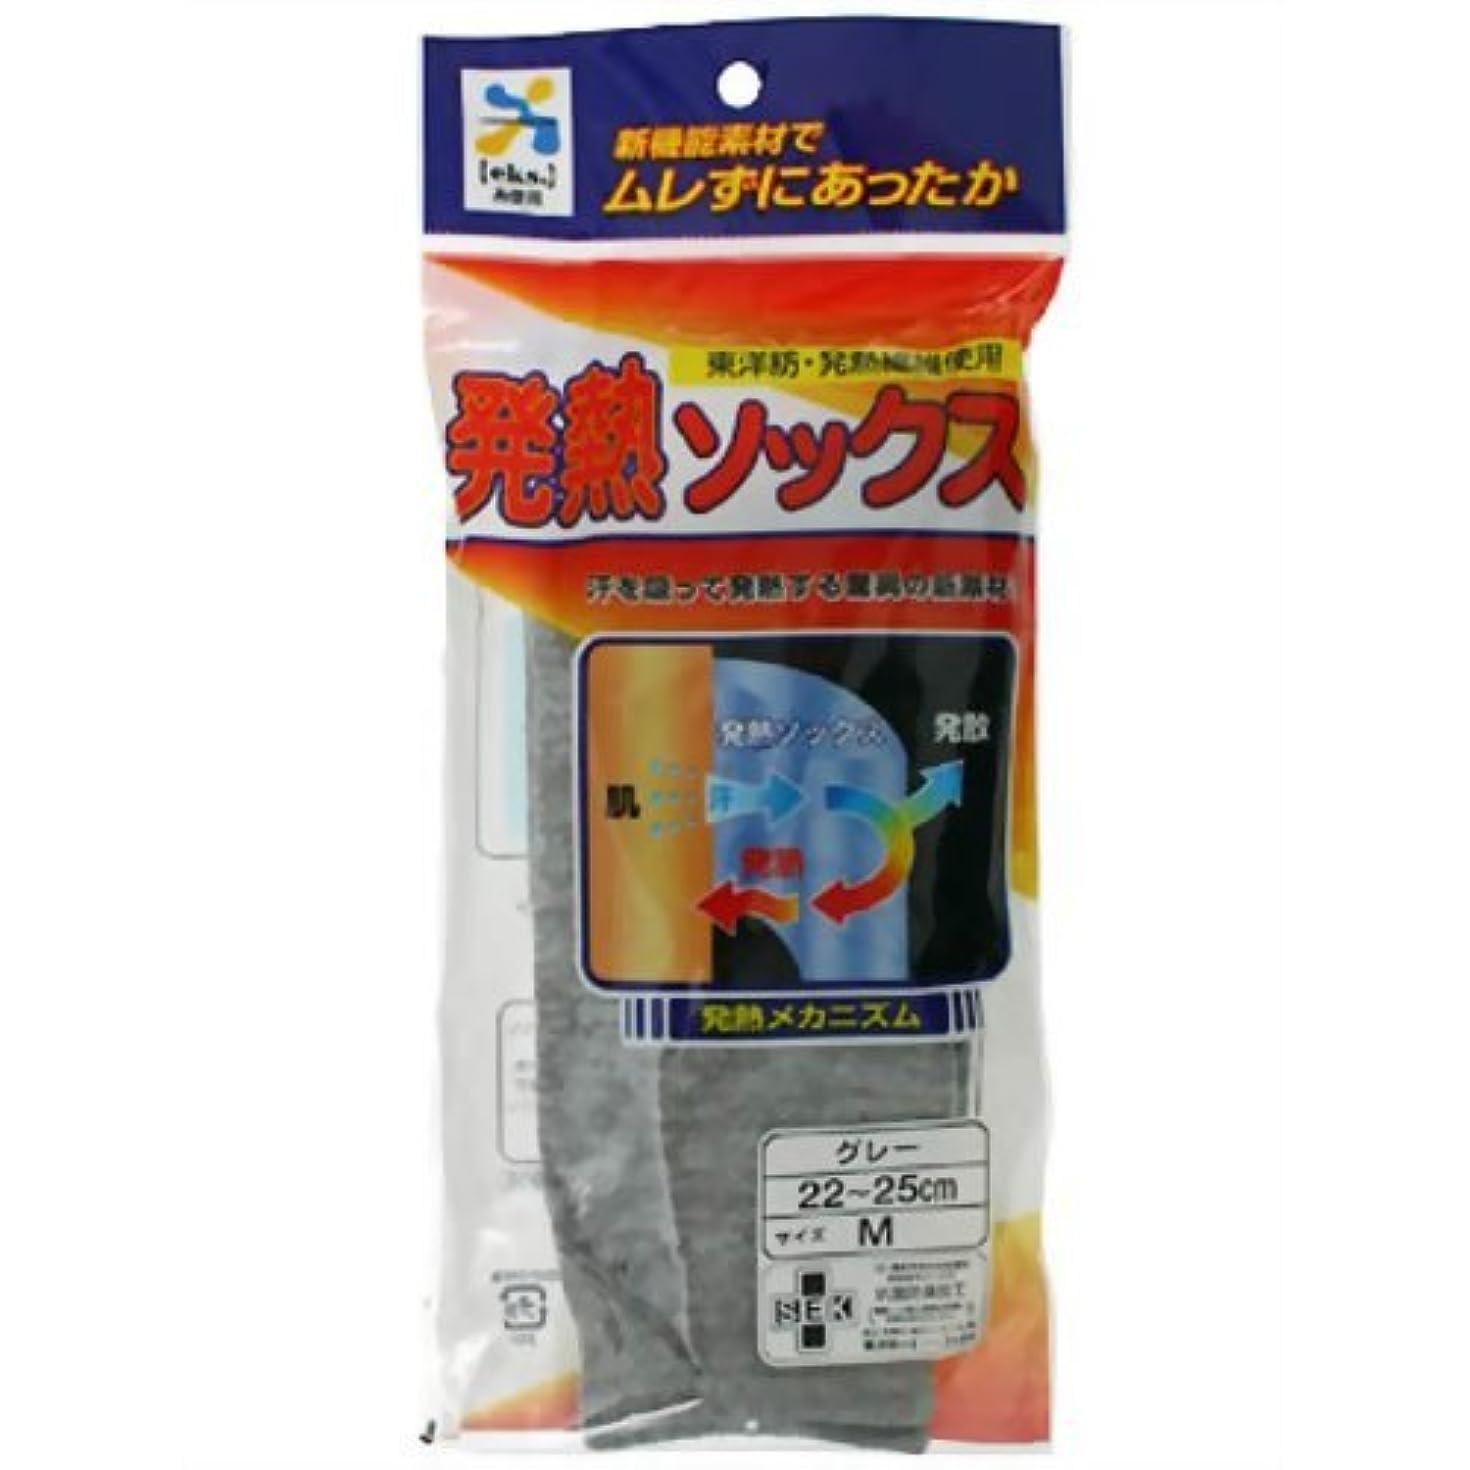 ネーピア汚れる識別する発熱ソックスグレー M